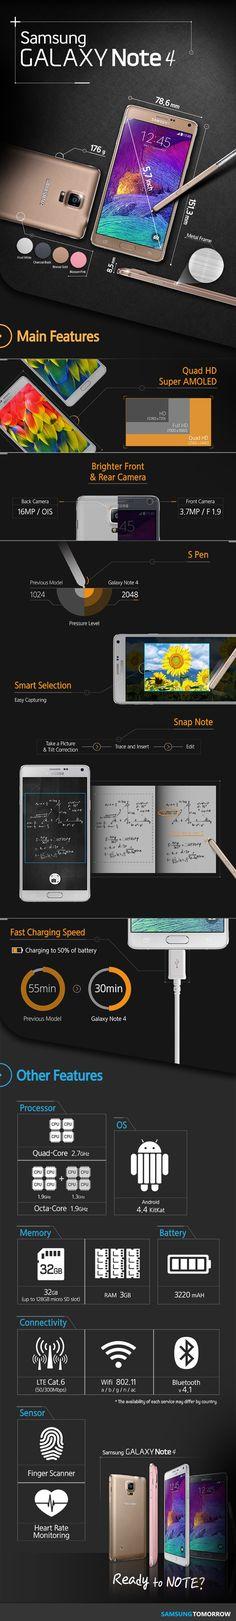 Samsung GALAXY Note 4 Infografik  #samsung #samsunggalaxynote4 #galaxynote4